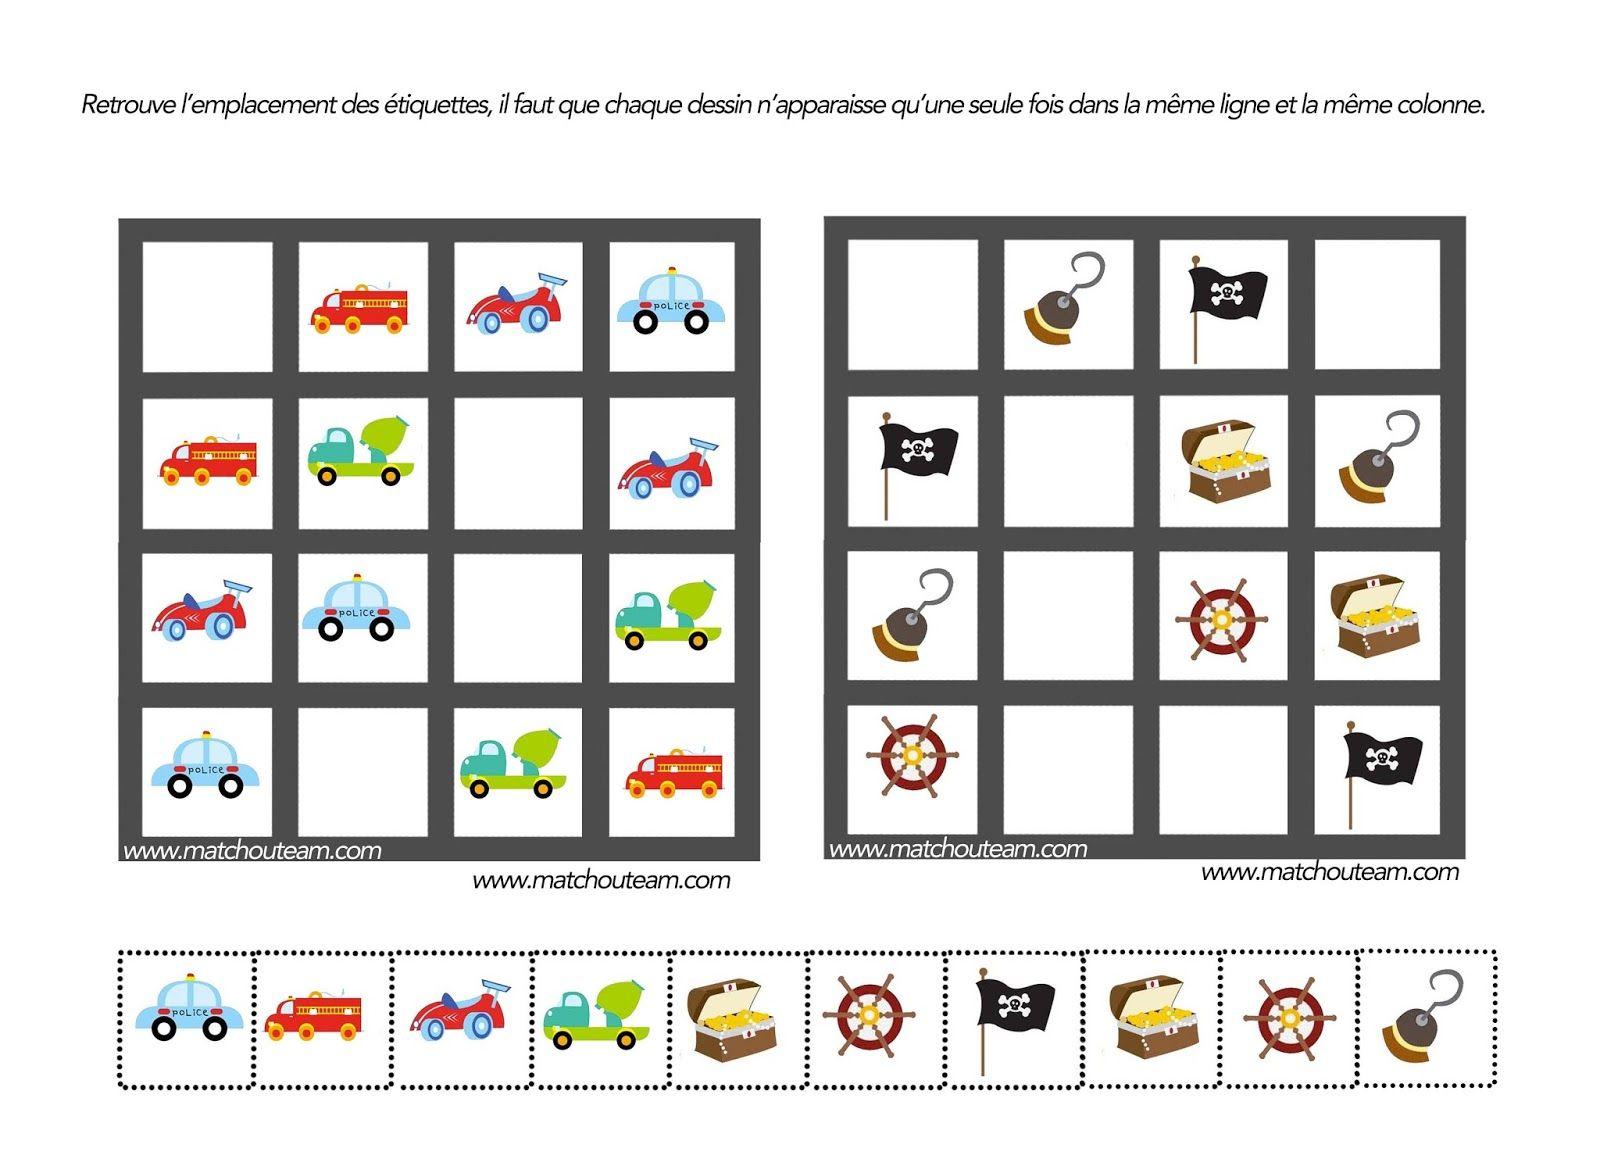 Jeu Pour Esprit Logique   Sudoku Enfant, Jeux De Logique Et dedans Jeu Logique Enfant